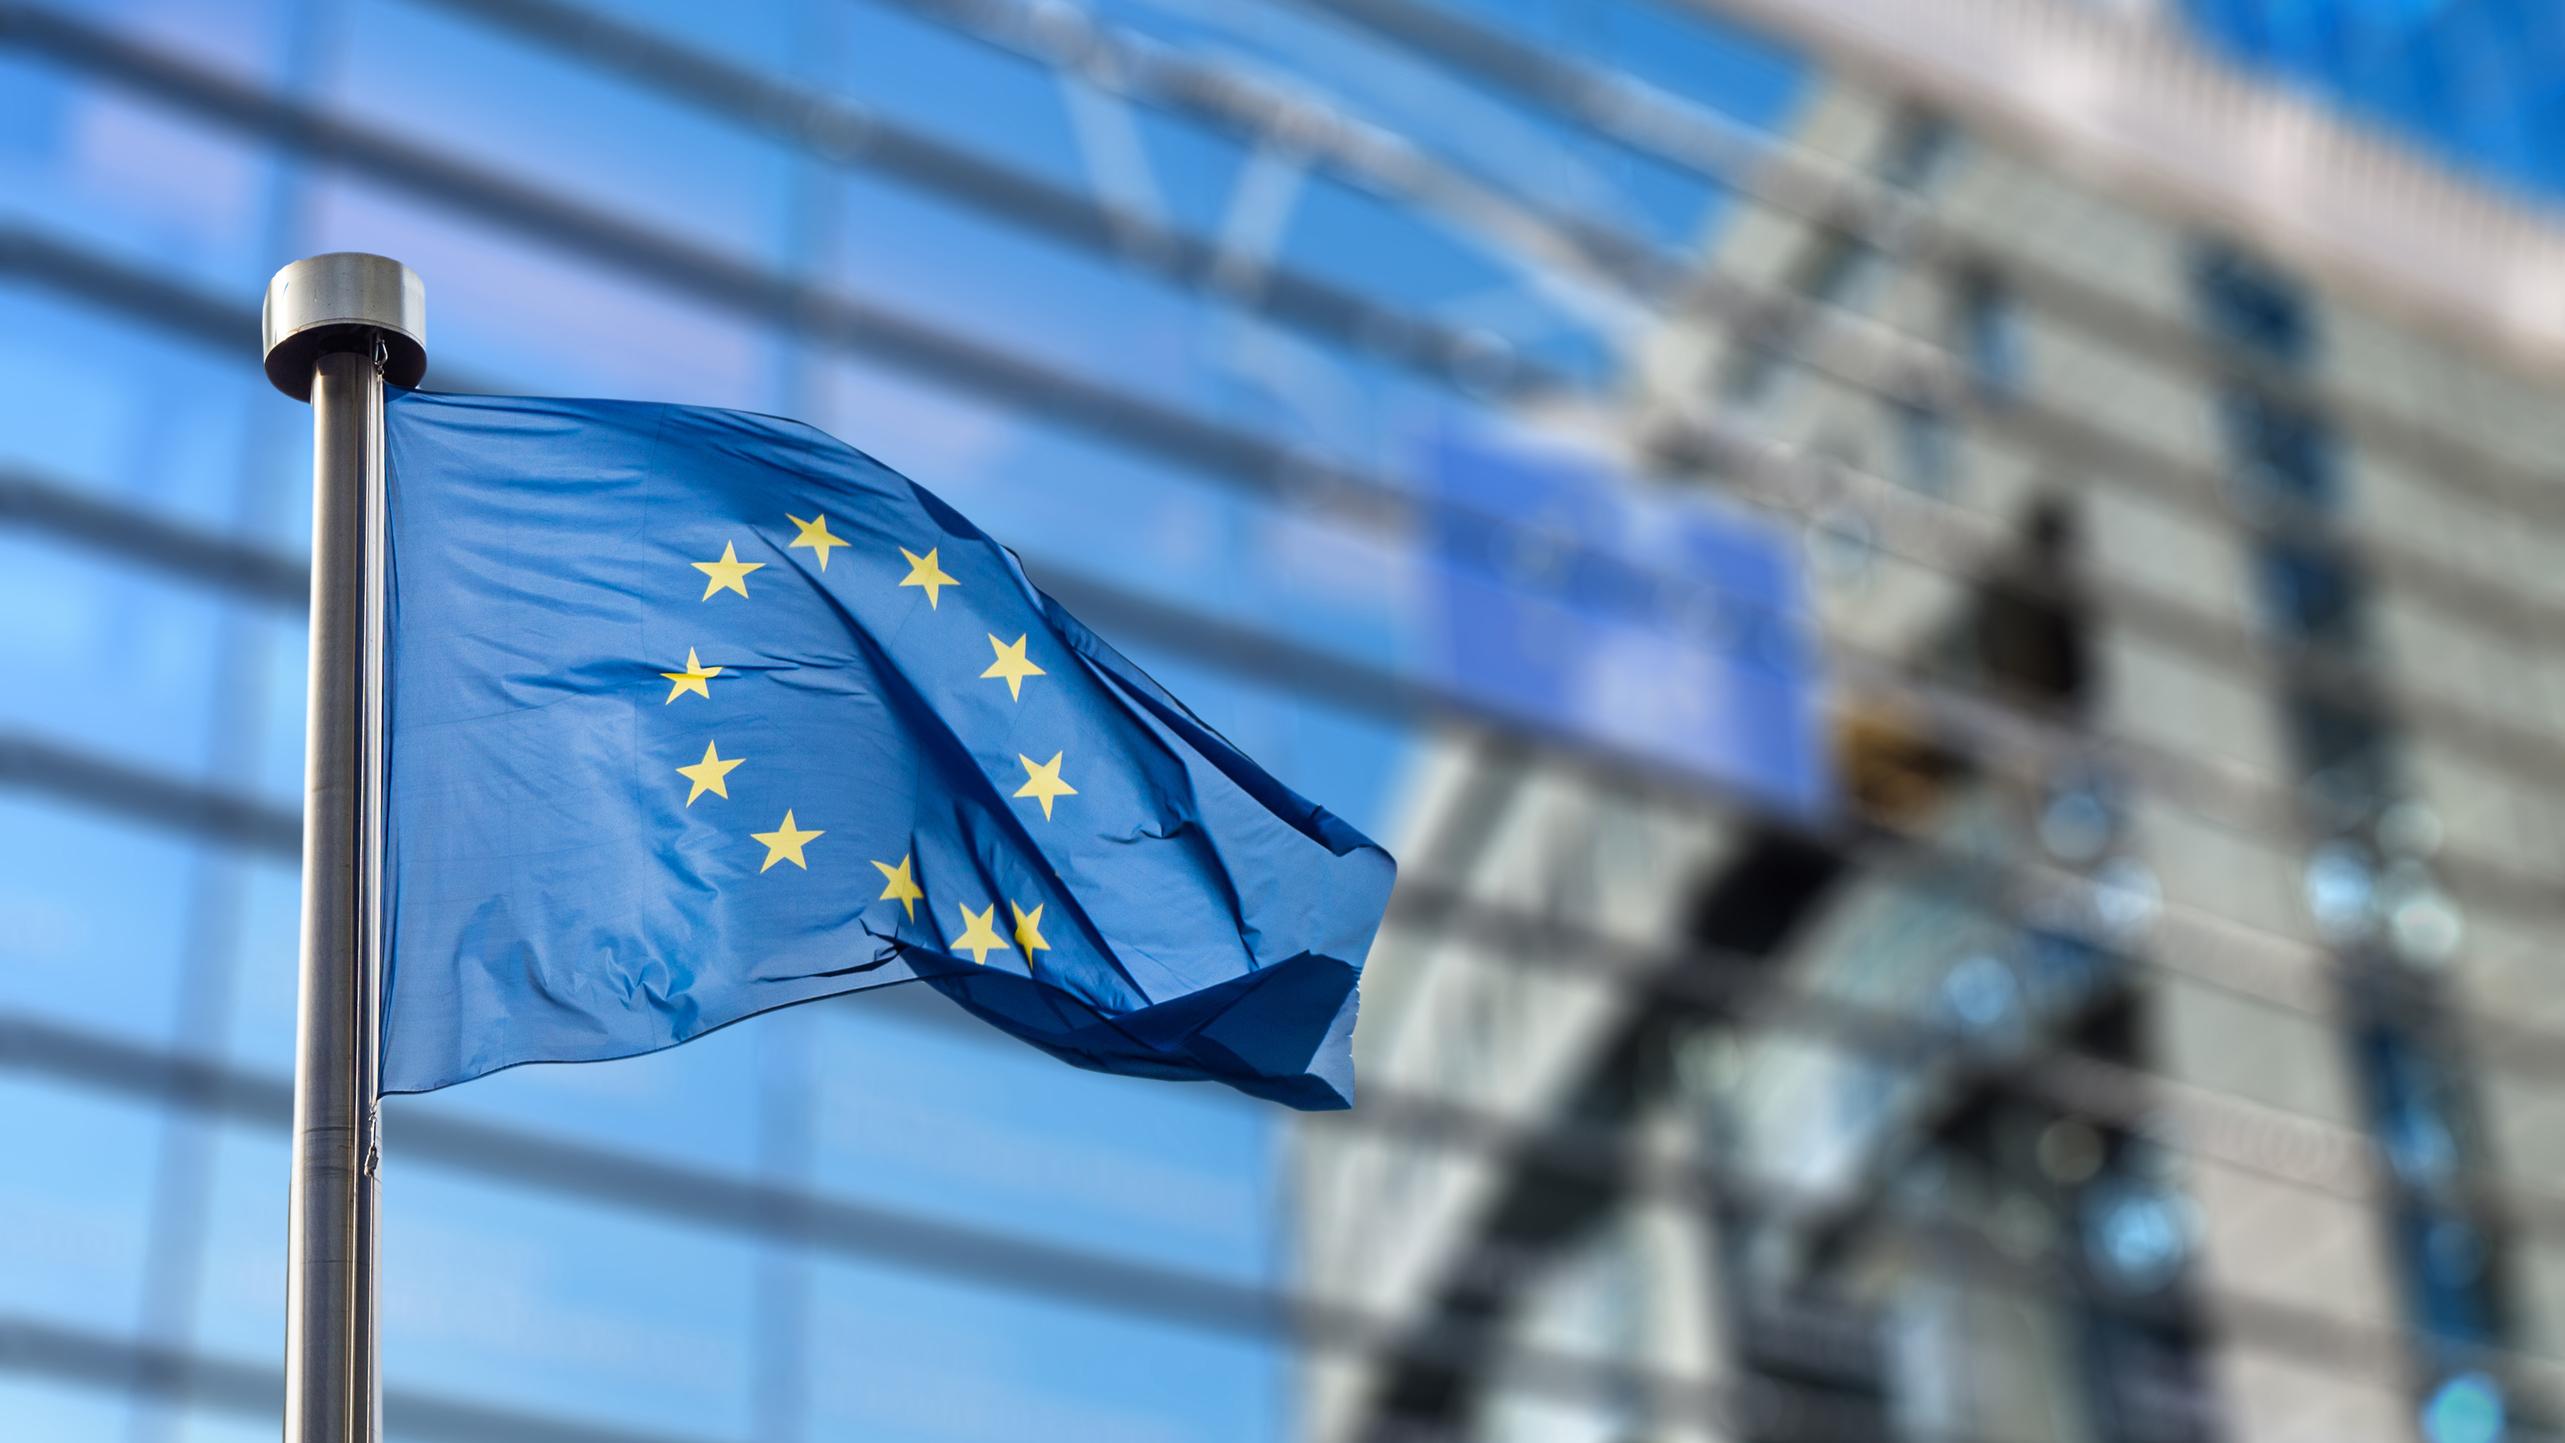 Europawahl: Das sind die wichtigsten Info-Quellen für junge Wähler